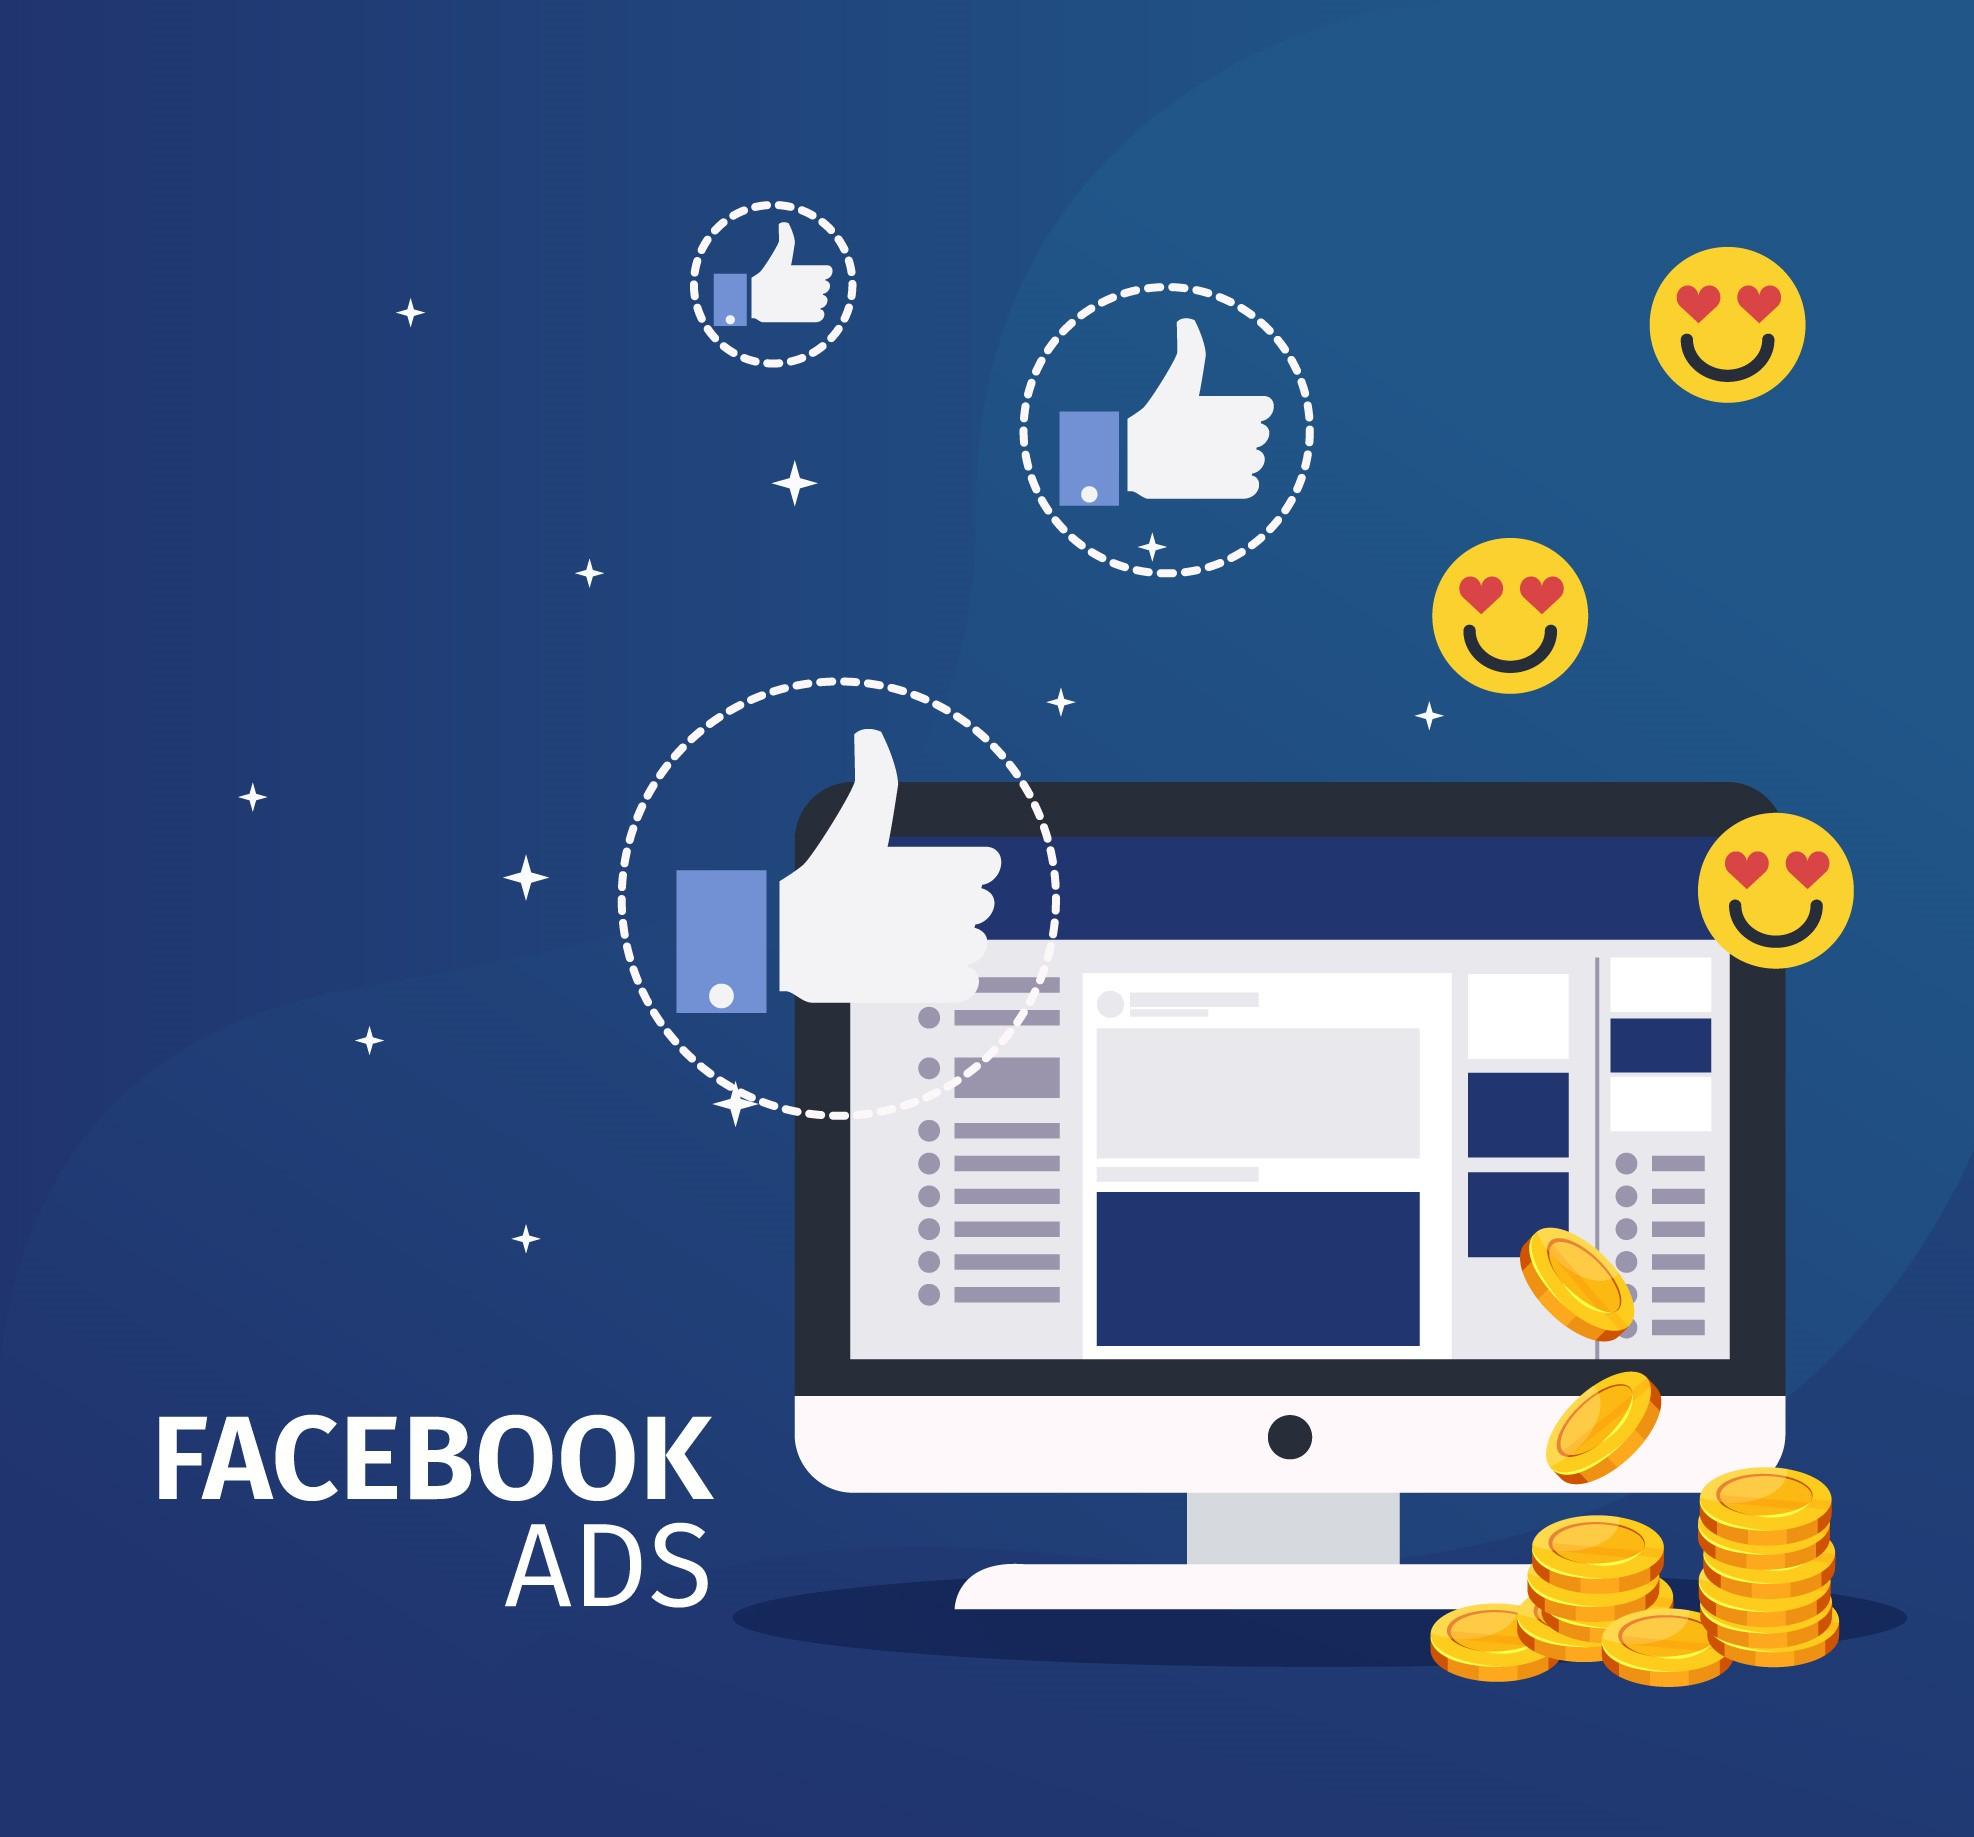 Chạy Facebook Ads Cần Lưu Ý Những Yếu Tố Nào?